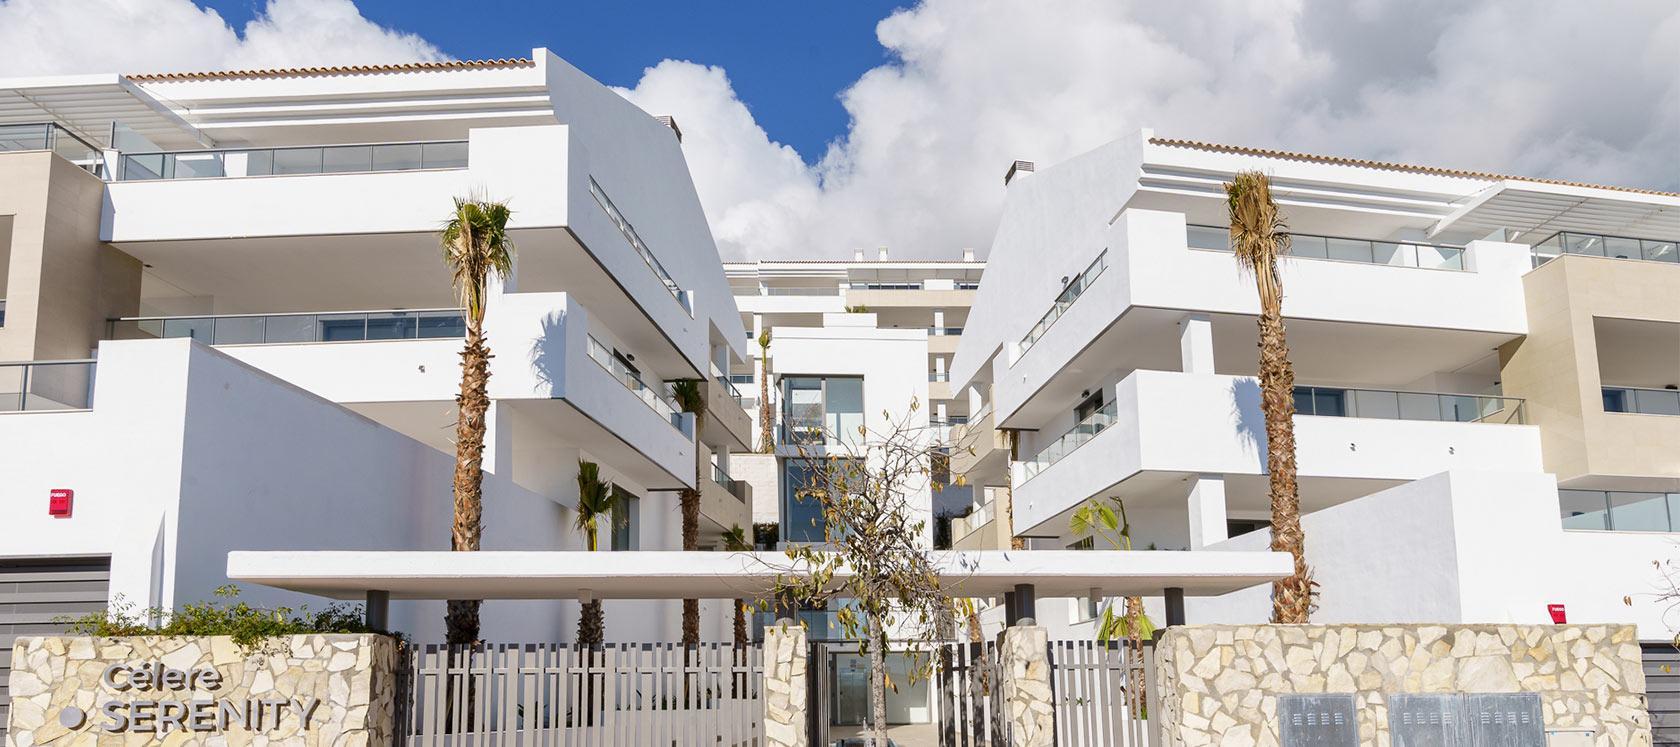 Obra Nueva en Málaga celere-serenity